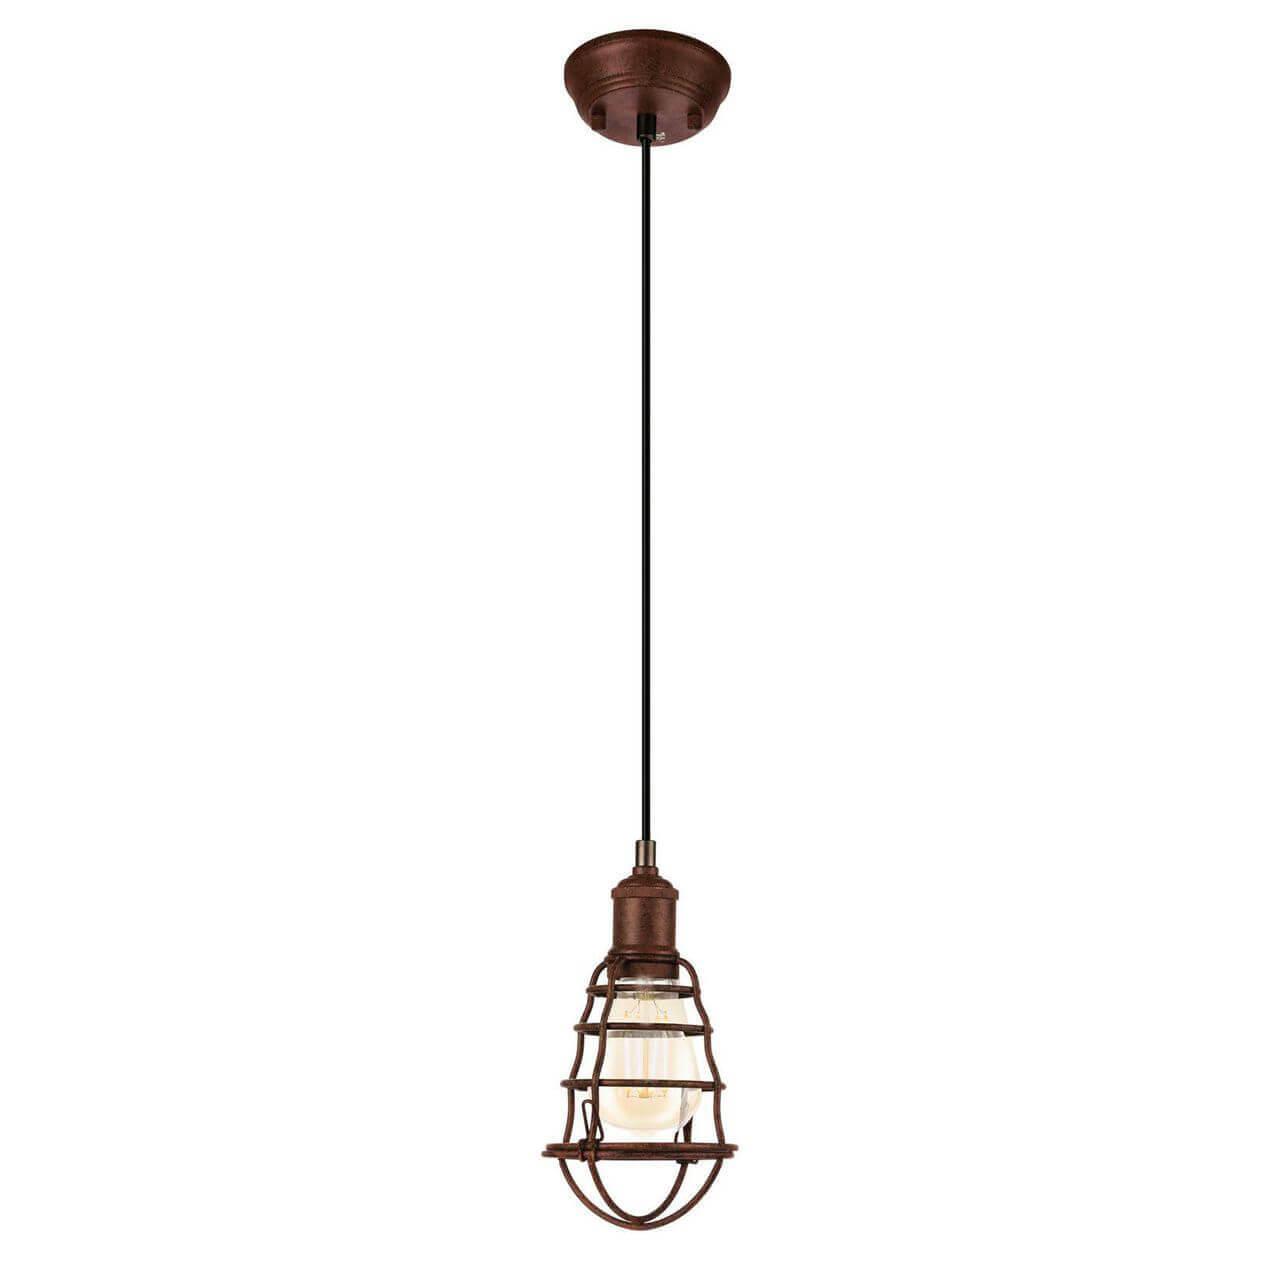 Подвесной светильник Eglo Port Seton 49809 подвесная люстра eglo port seton 49808